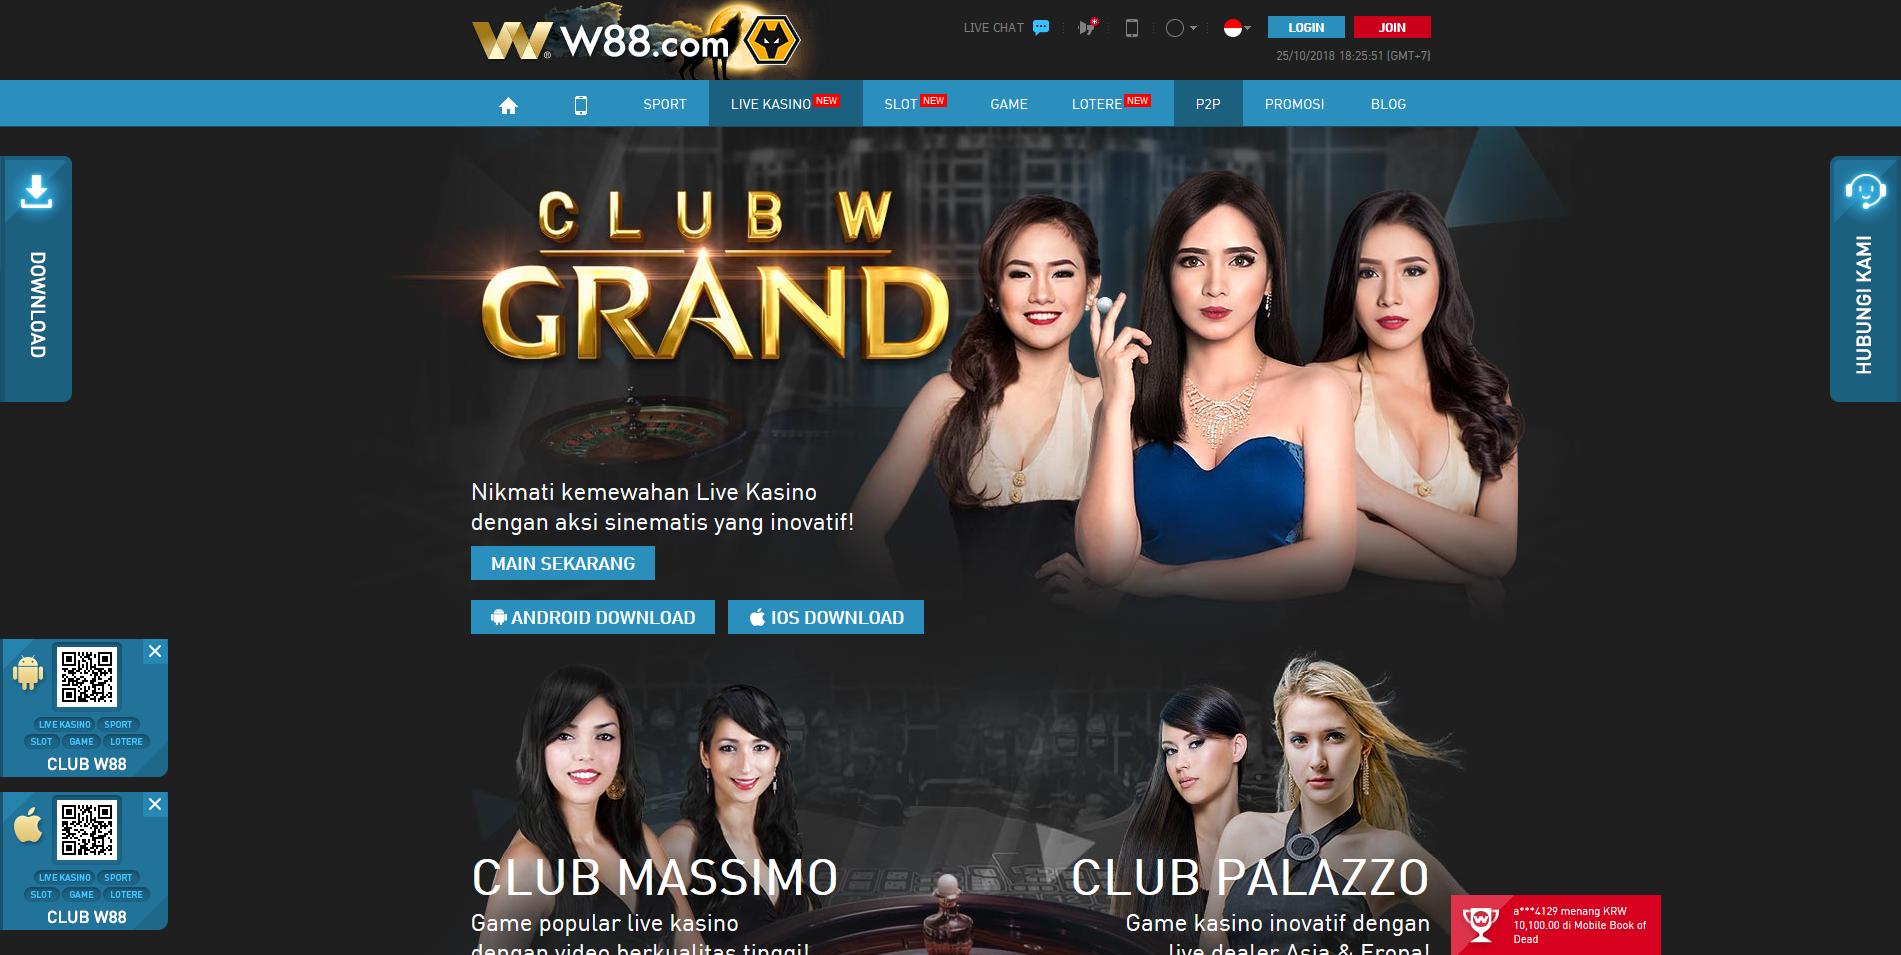 W88 Live Kasino Online